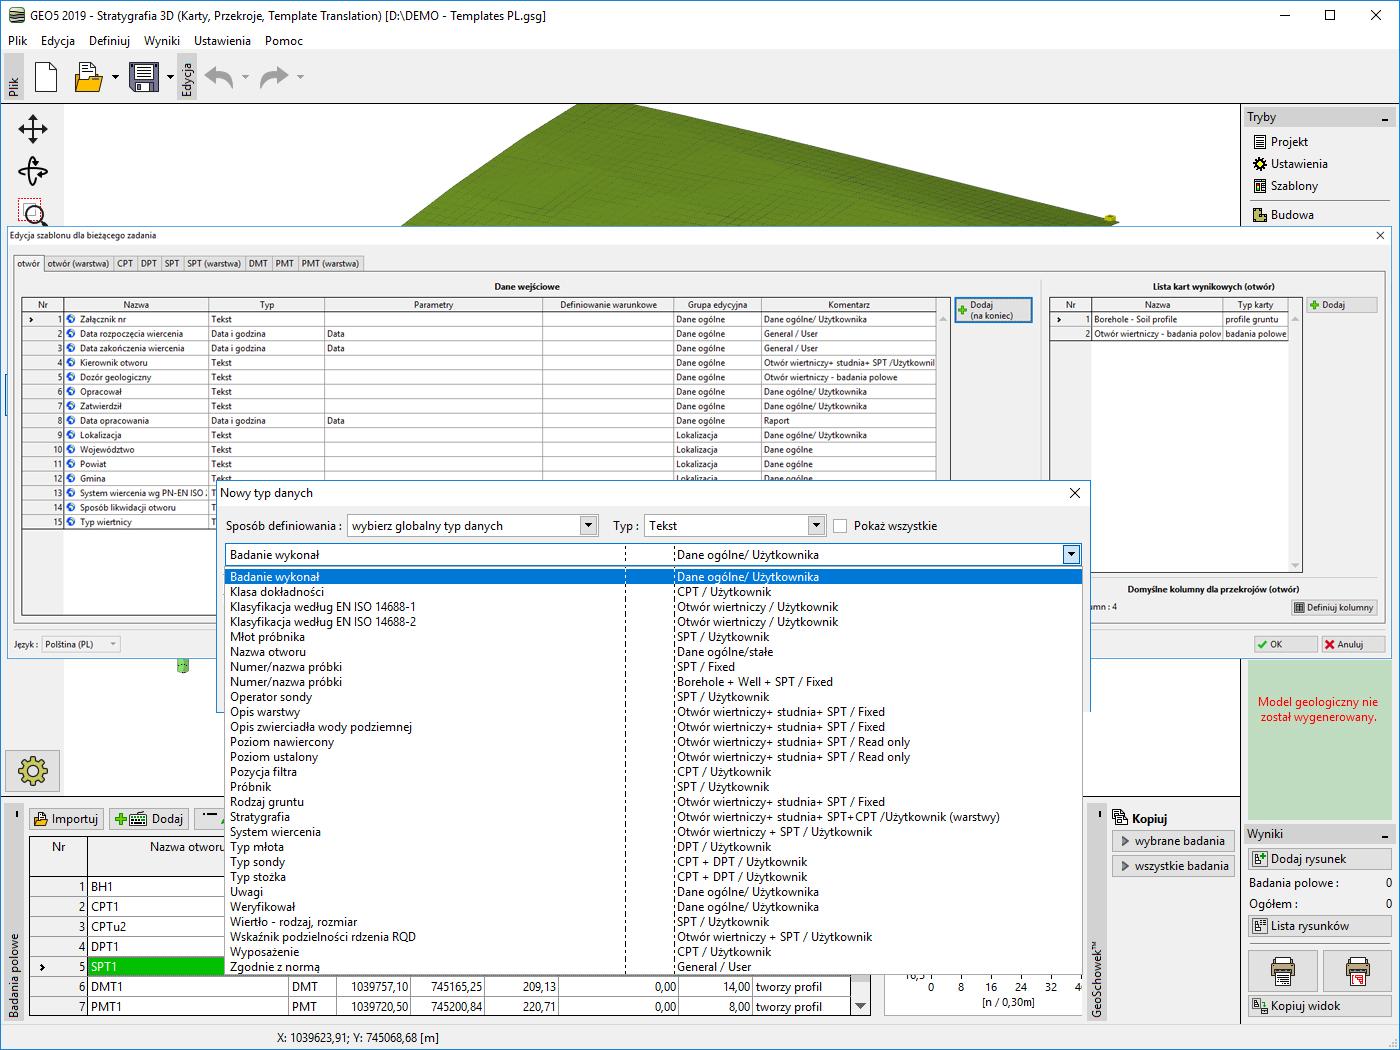 Stratygrafia 3D – Karty : Wybór danych do szablonu